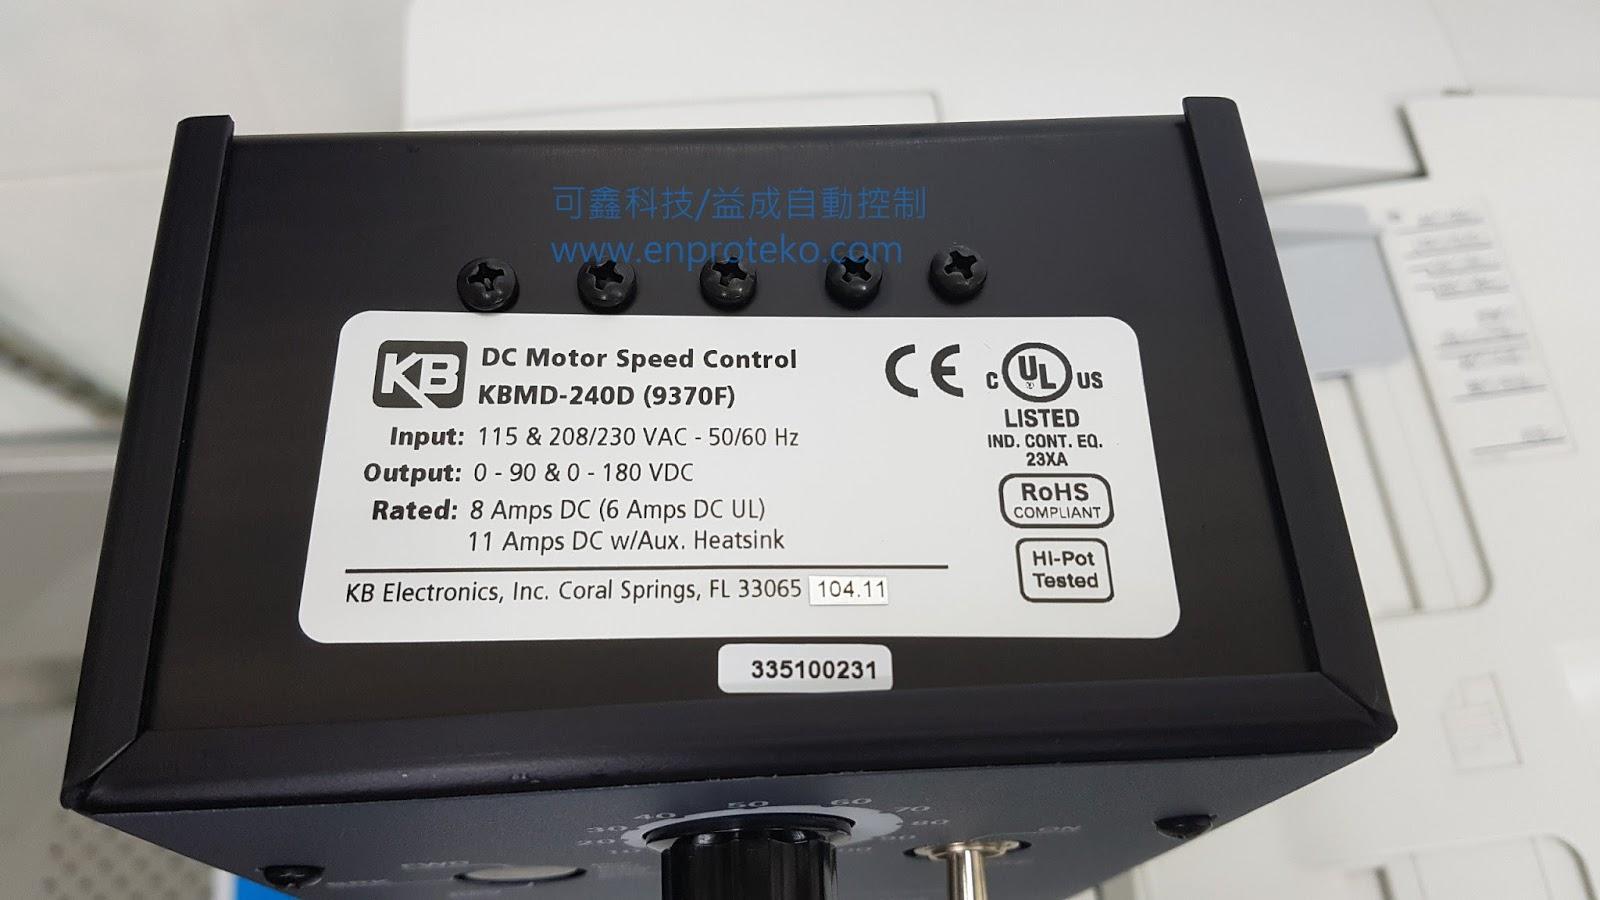 Kb kbmd 240 dc motor speed control for Kbmd dc motor speed control